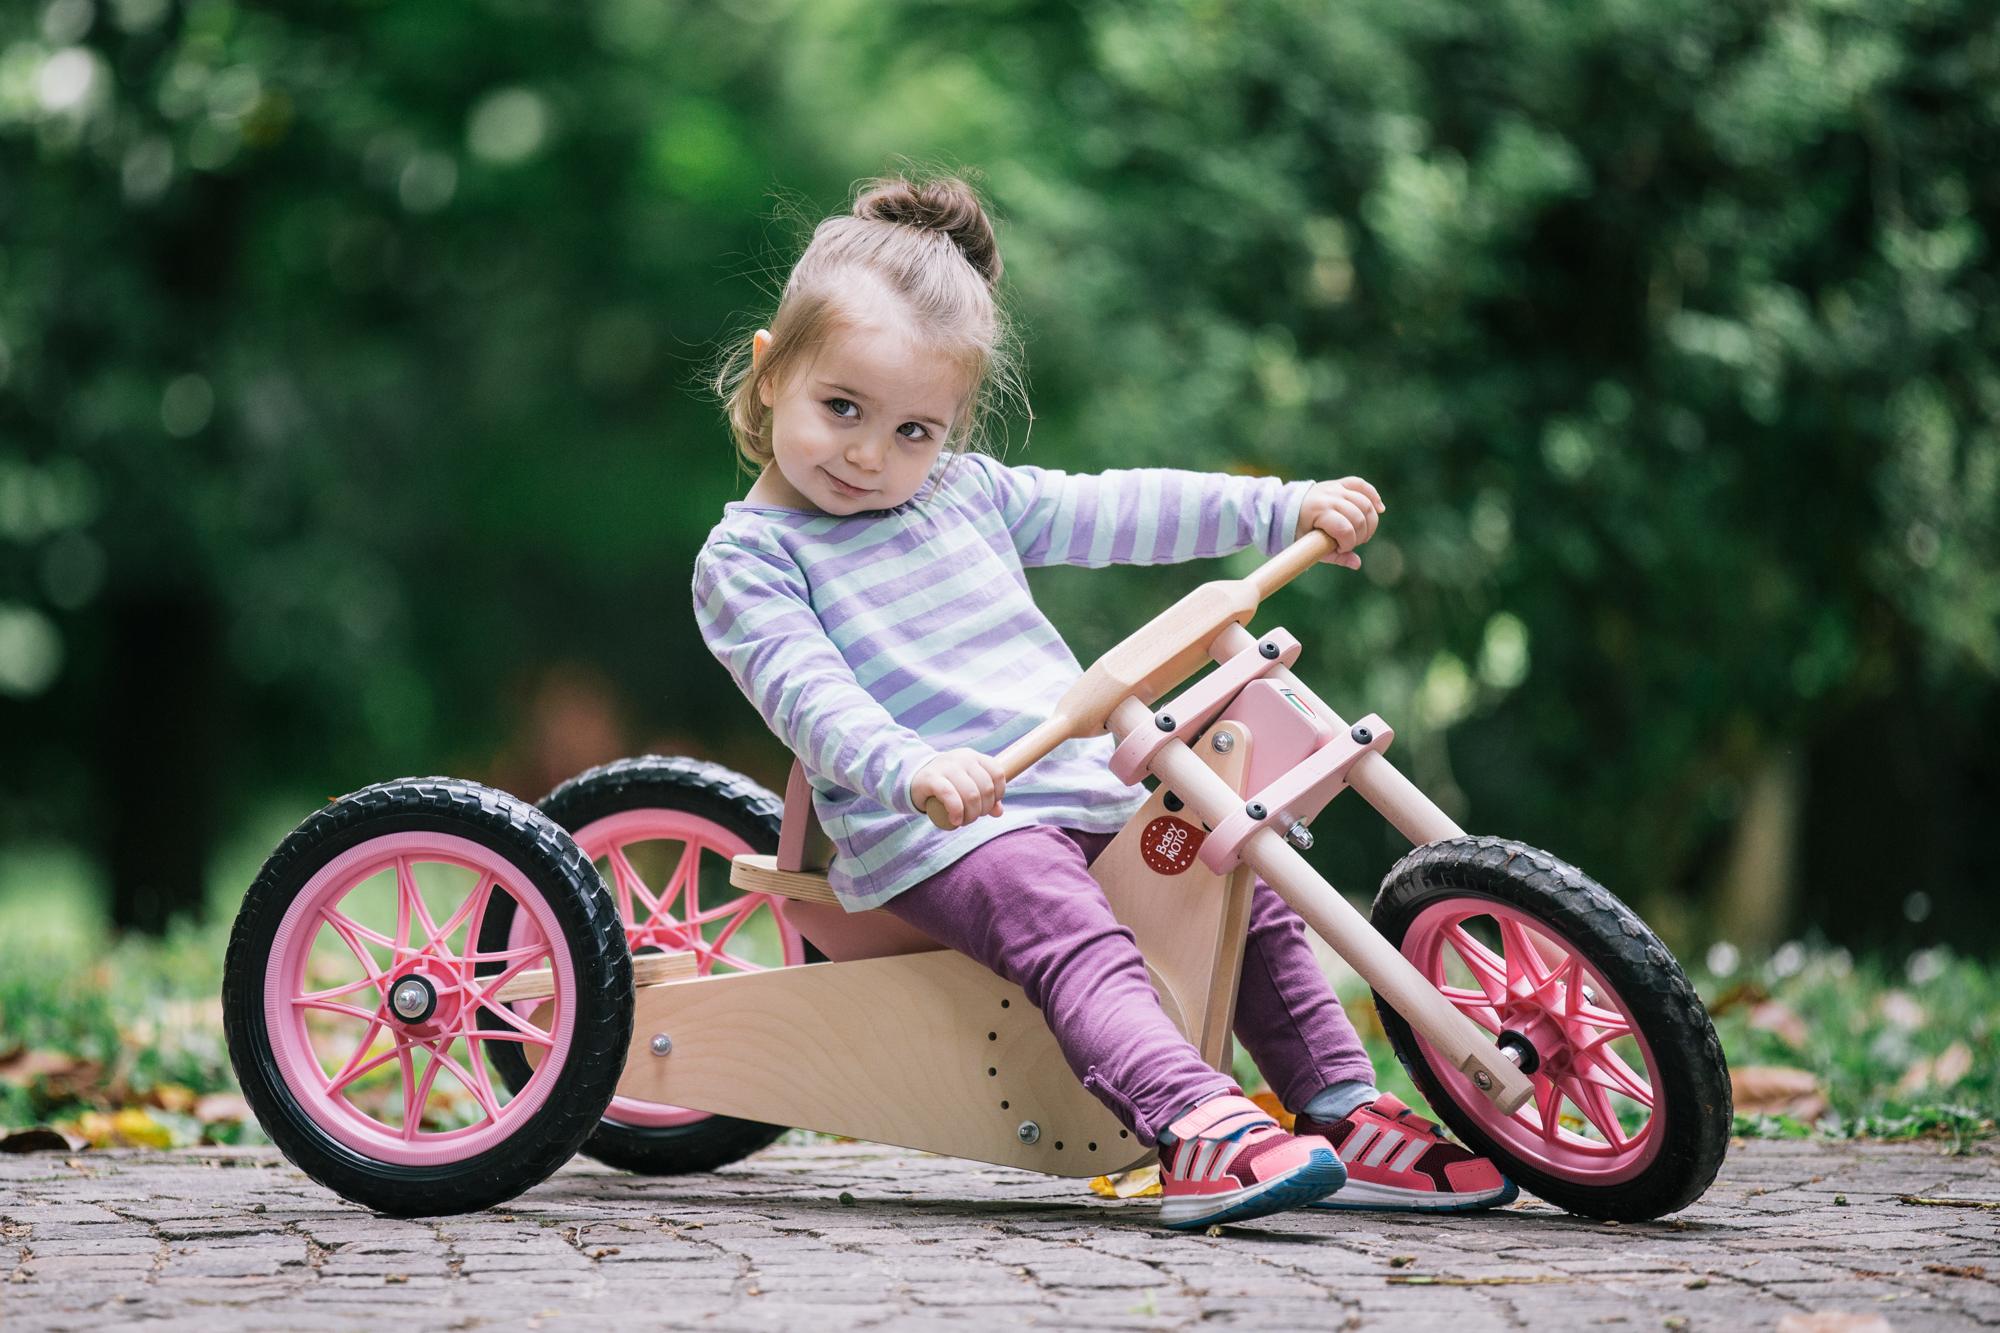 bicicletta balance bike bambina 2 anni Teknikwood